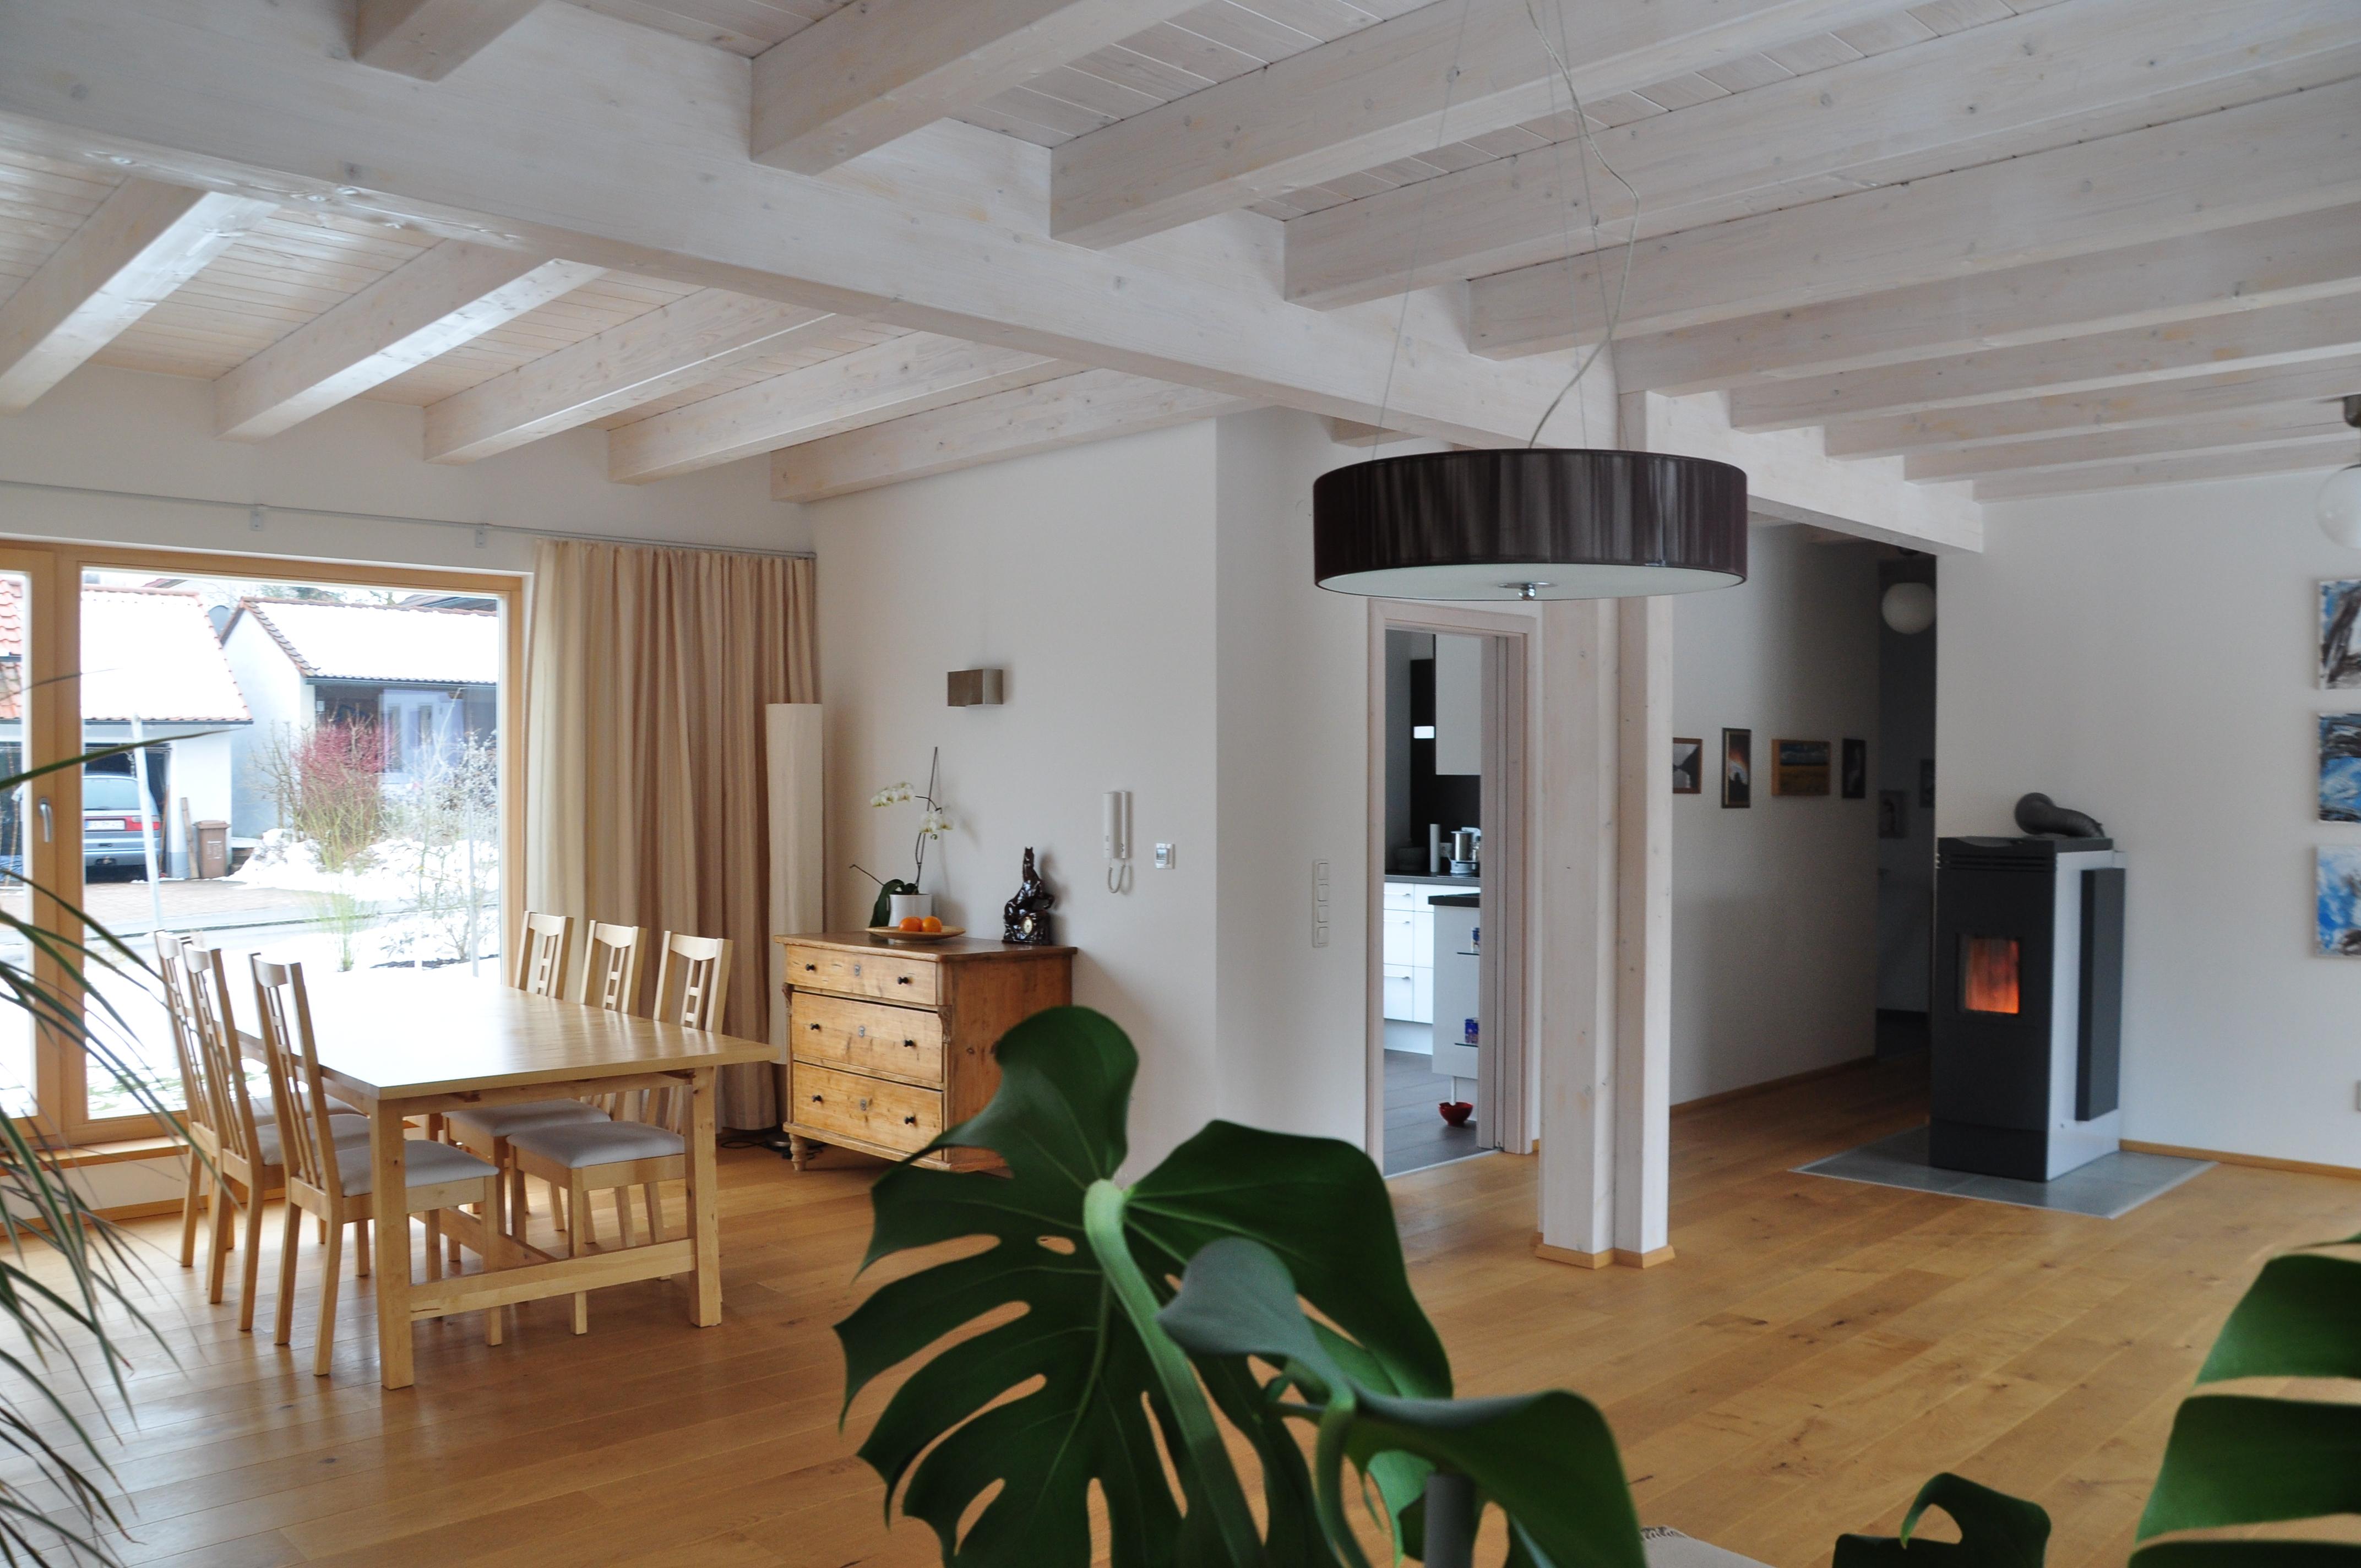 die zentralheizung im wohnzimmer. Black Bedroom Furniture Sets. Home Design Ideas